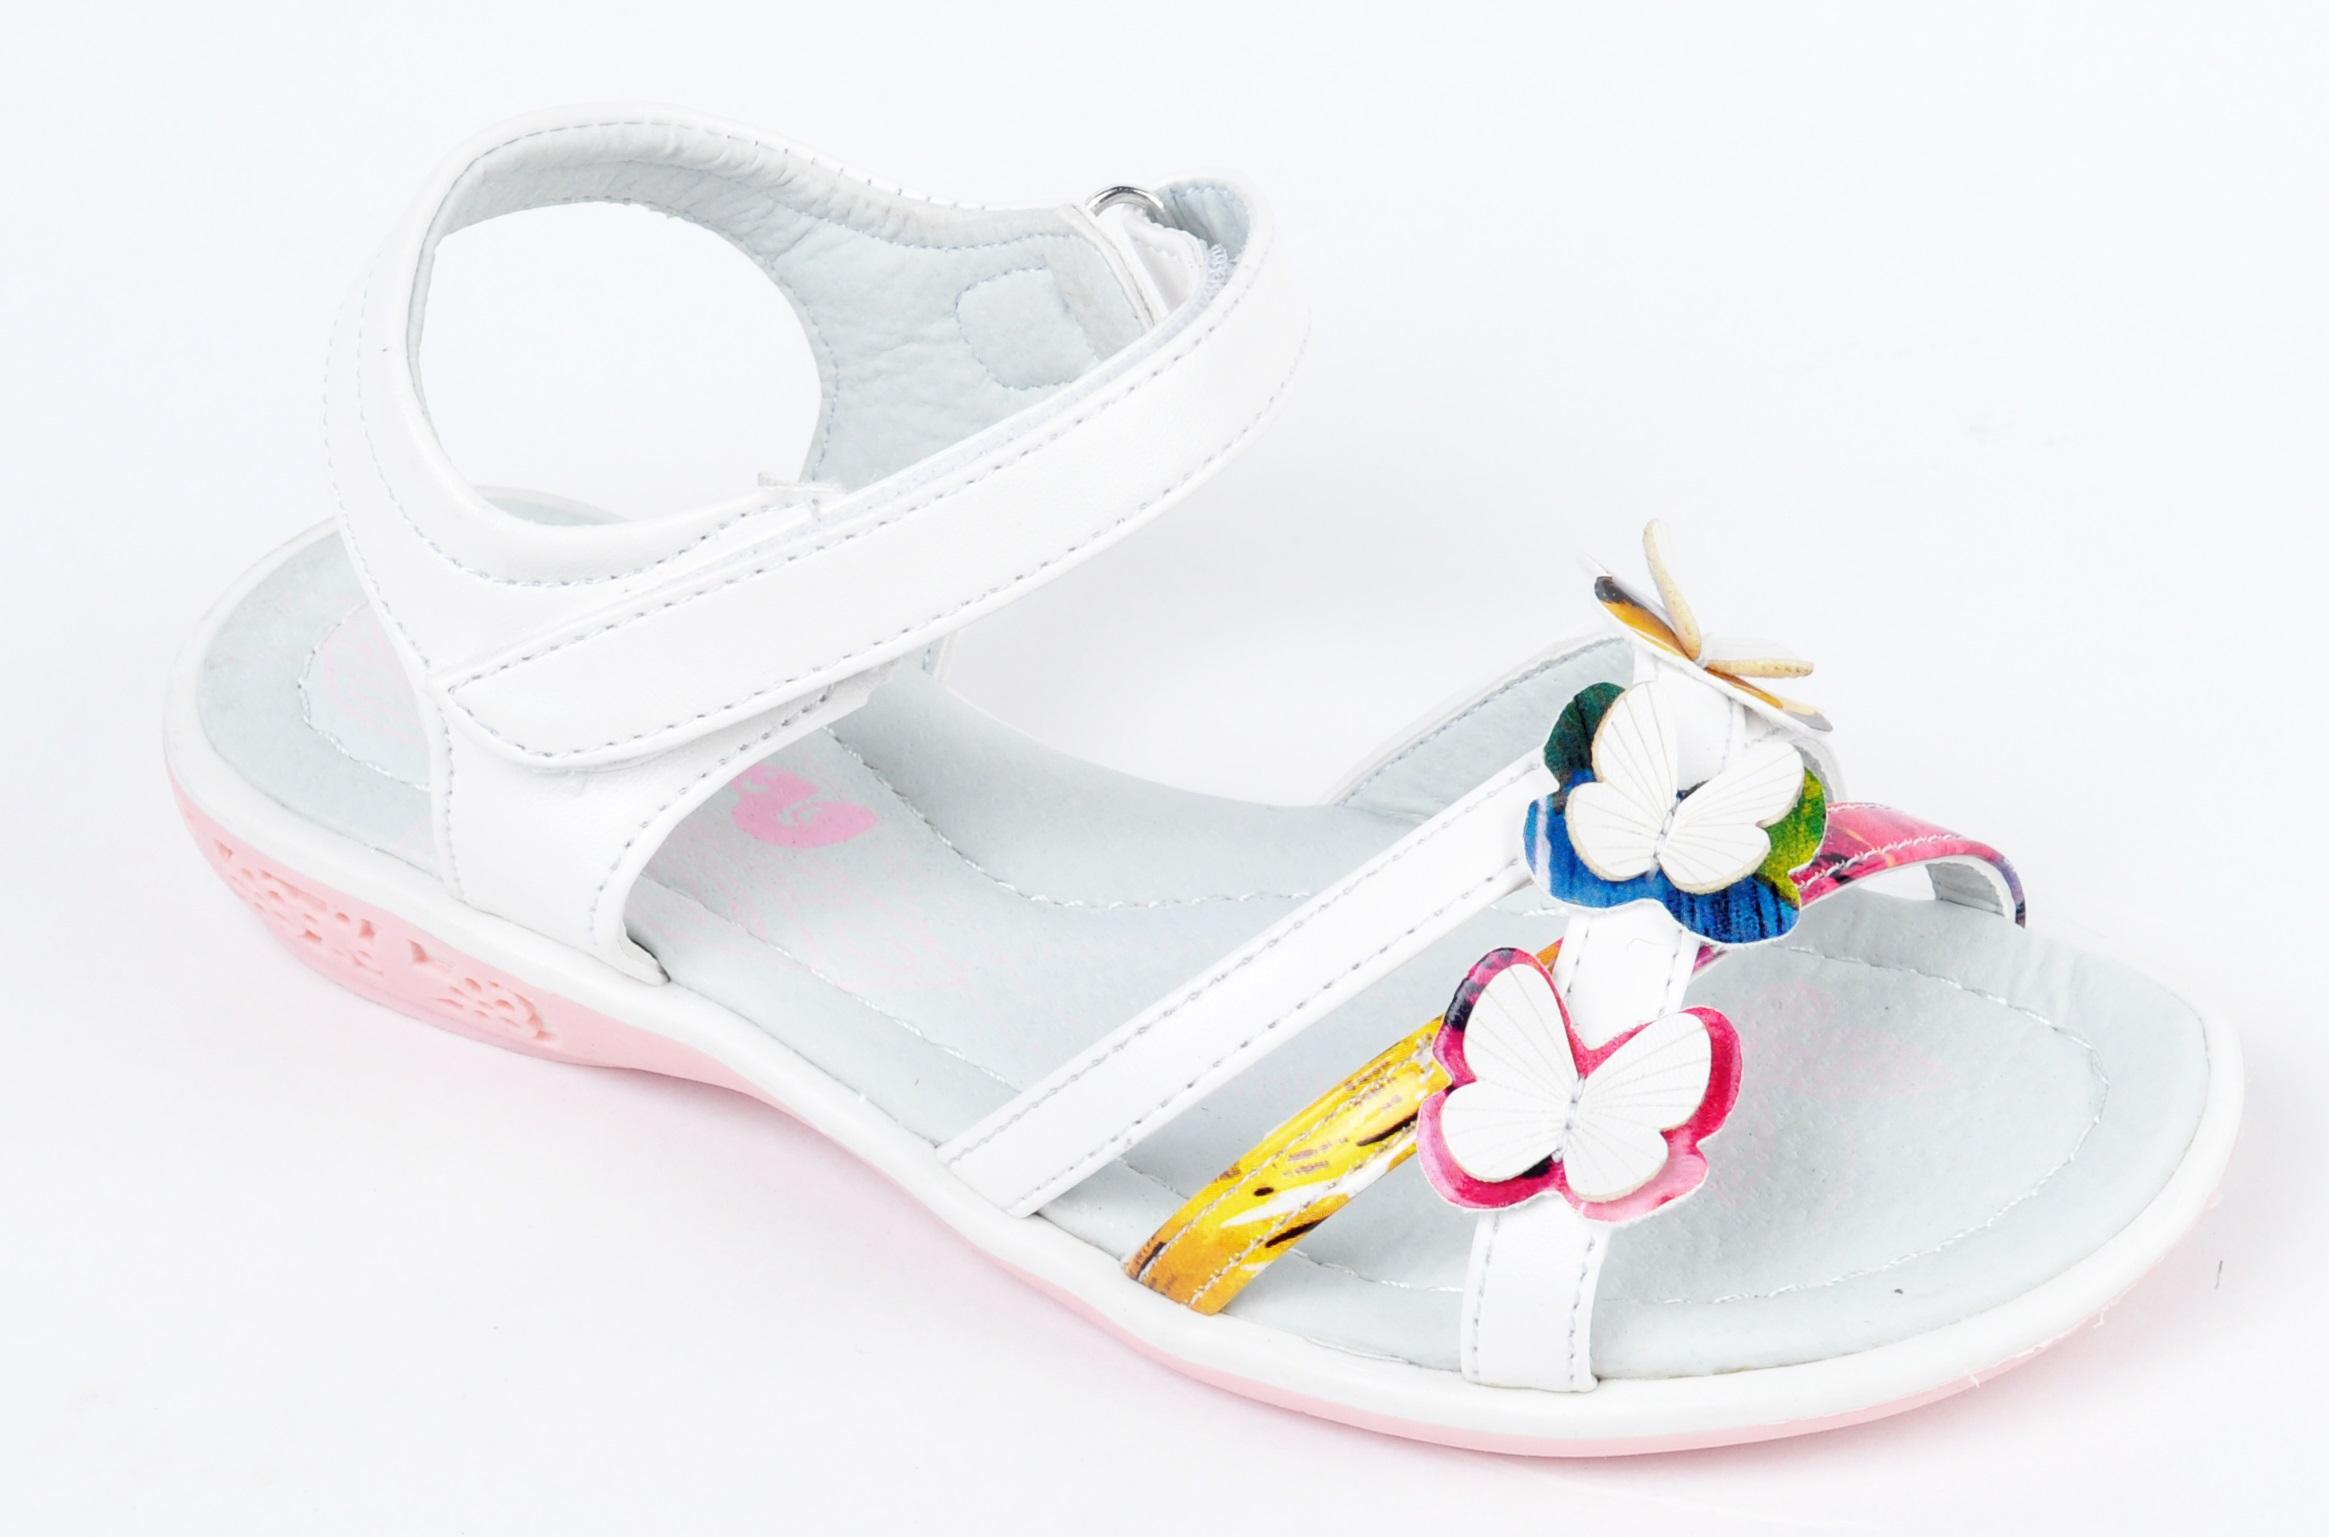 Сбор заказов. Всем! Всем! Всем! Обувь для наших деток. Ваш любимый МIU. Очень красиво и бюджетно. От 190 руб. Выкуп 10